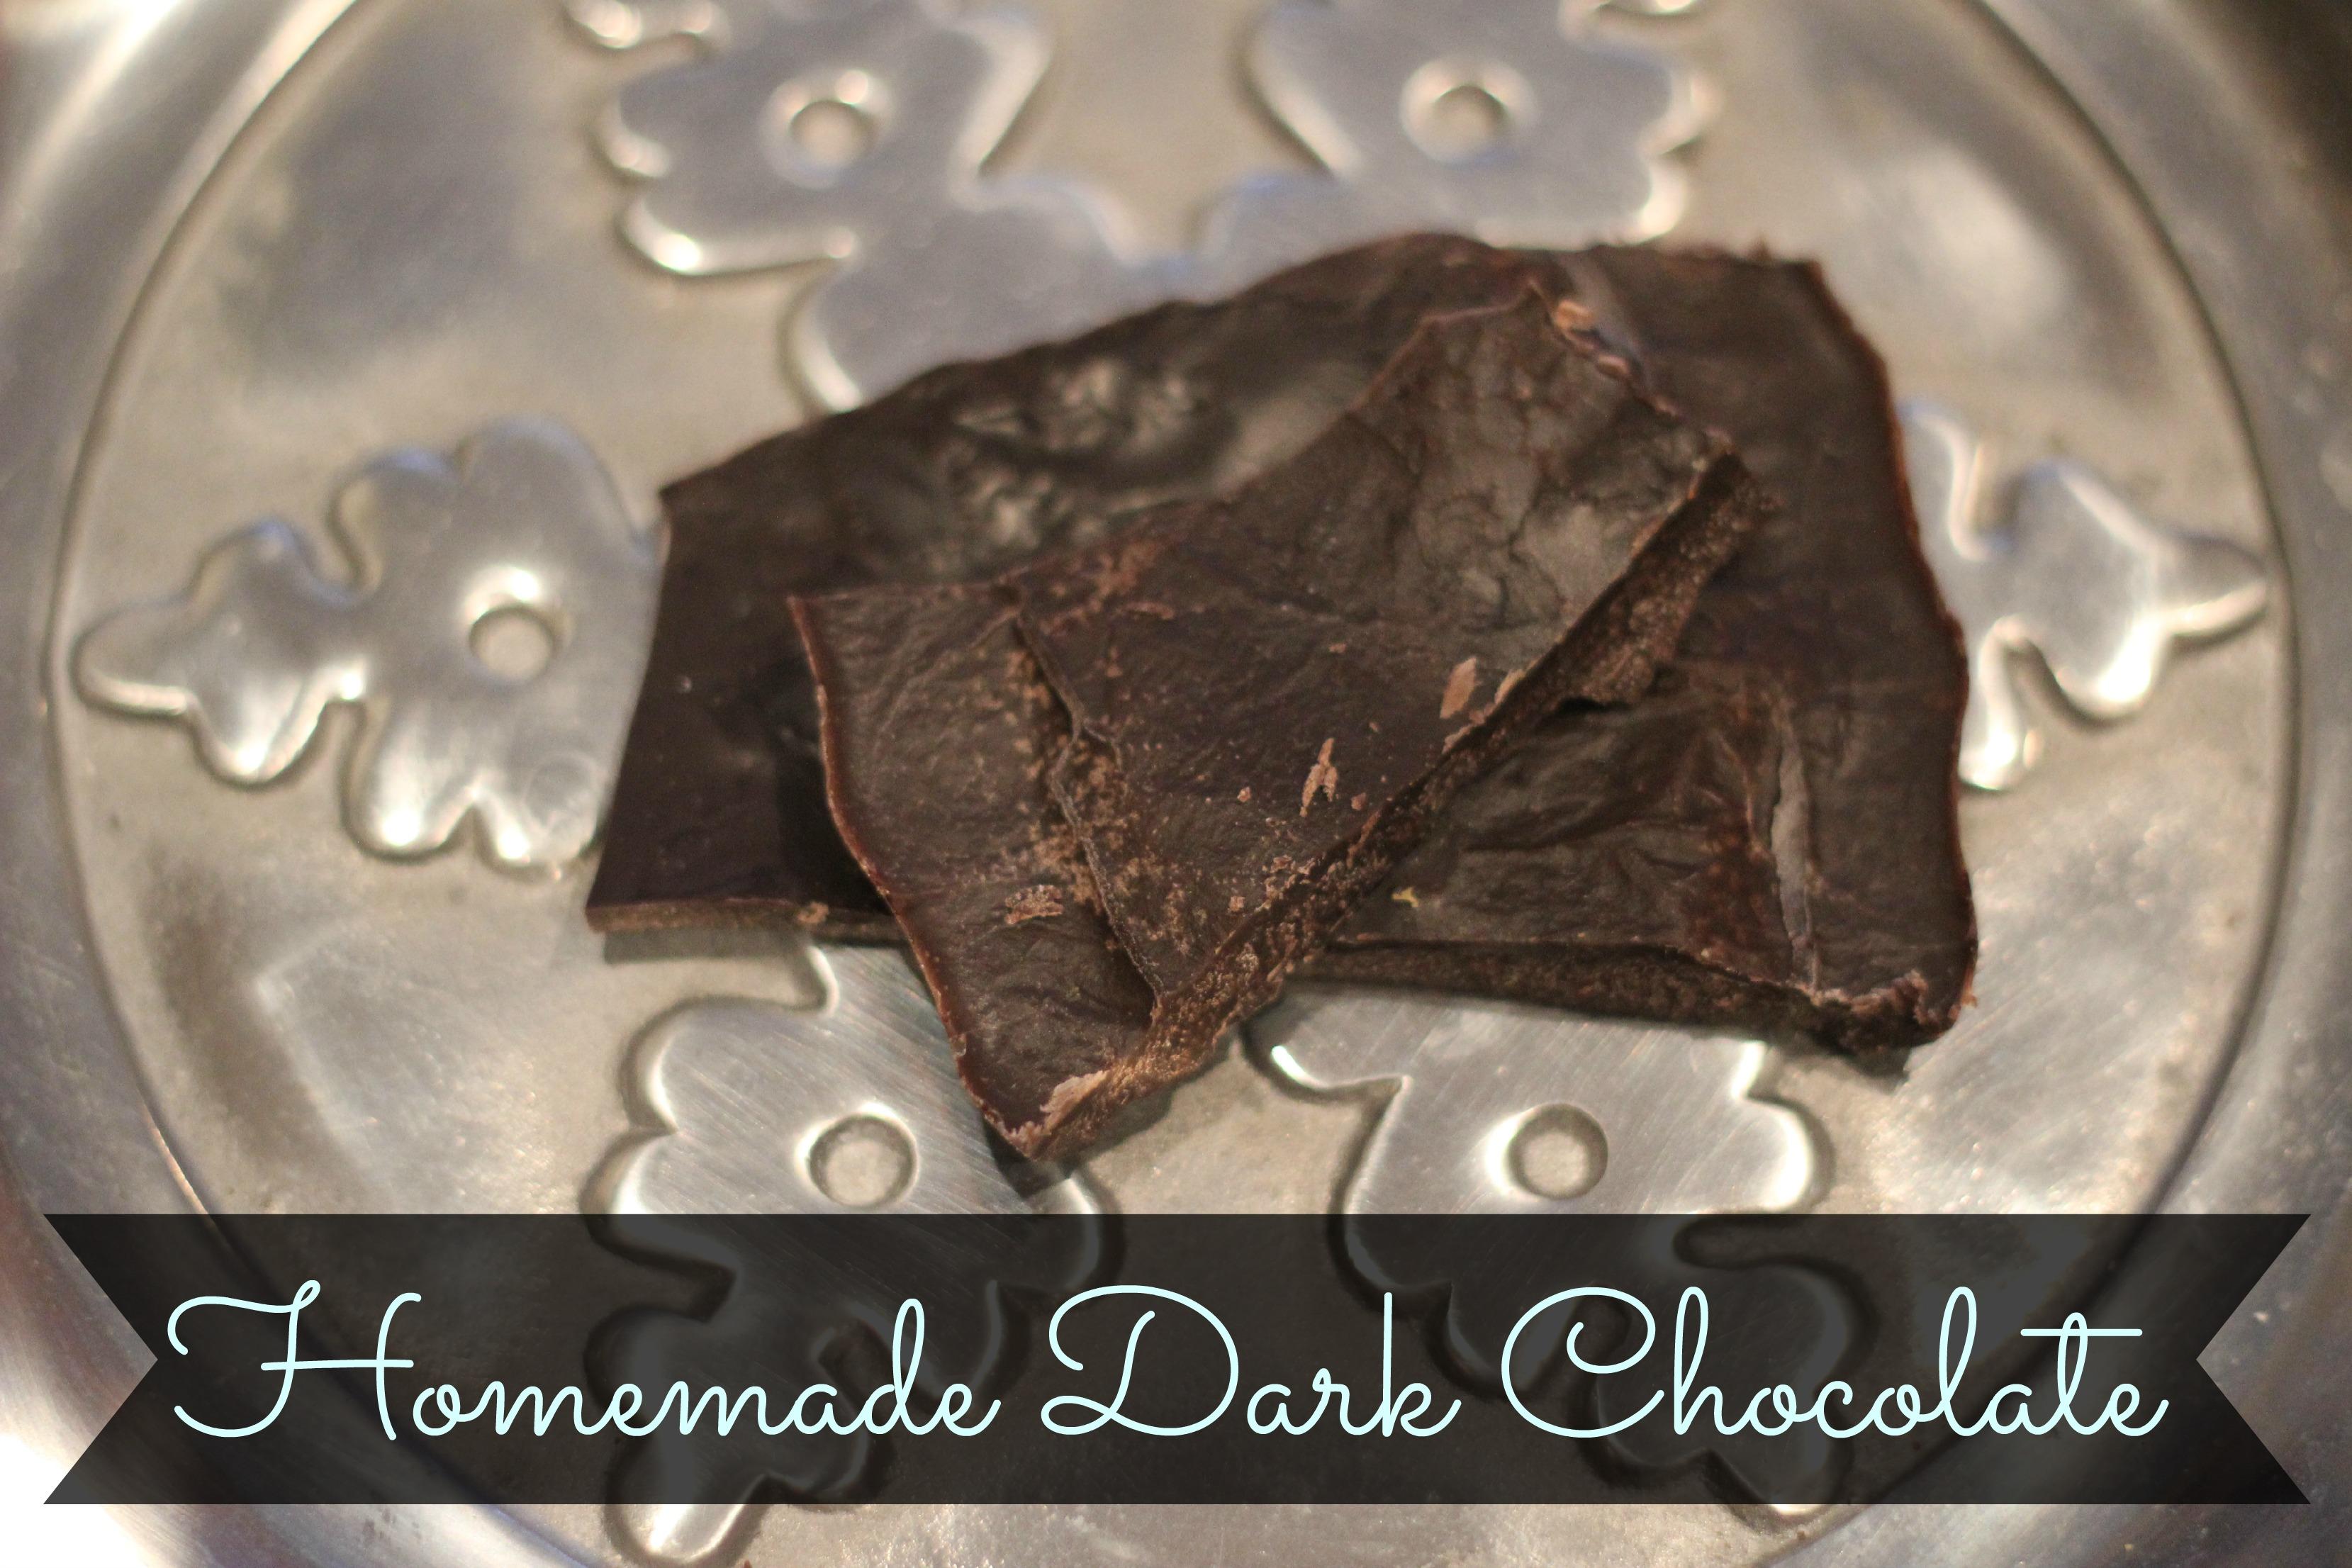 Homemdade dairy Free dark Chocoalte